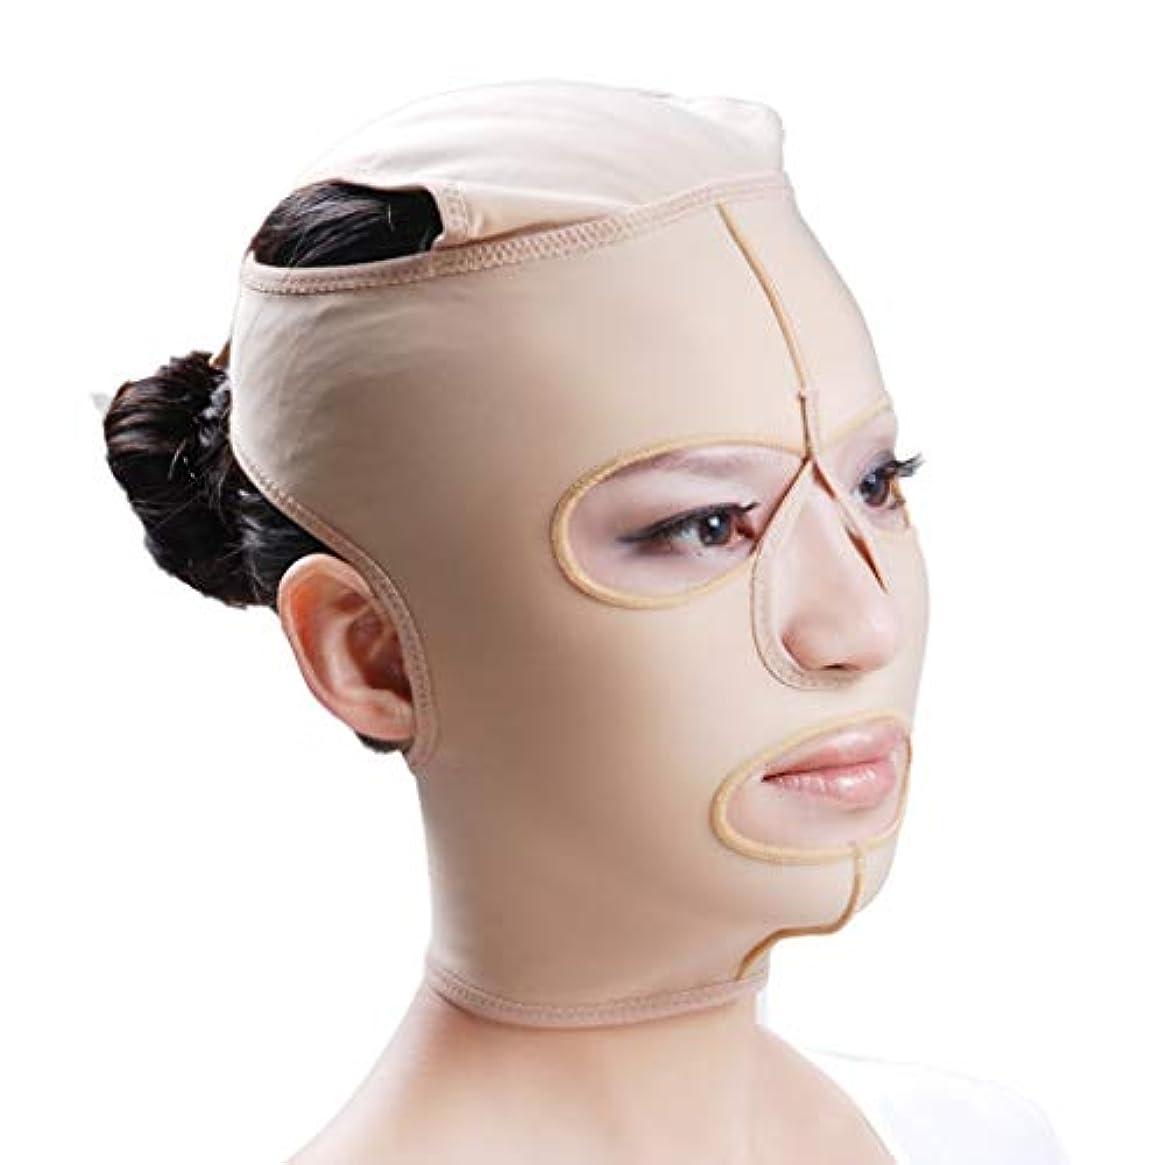 手当こしょう価格XHLMRMJ フェイスリフトマスク、フルフェイスマスク医療グレード圧力フェイスダブルチンプラスチック脂肪吸引術弾性包帯ヘッドギア後の顔の脂肪吸引術 (Size : M)